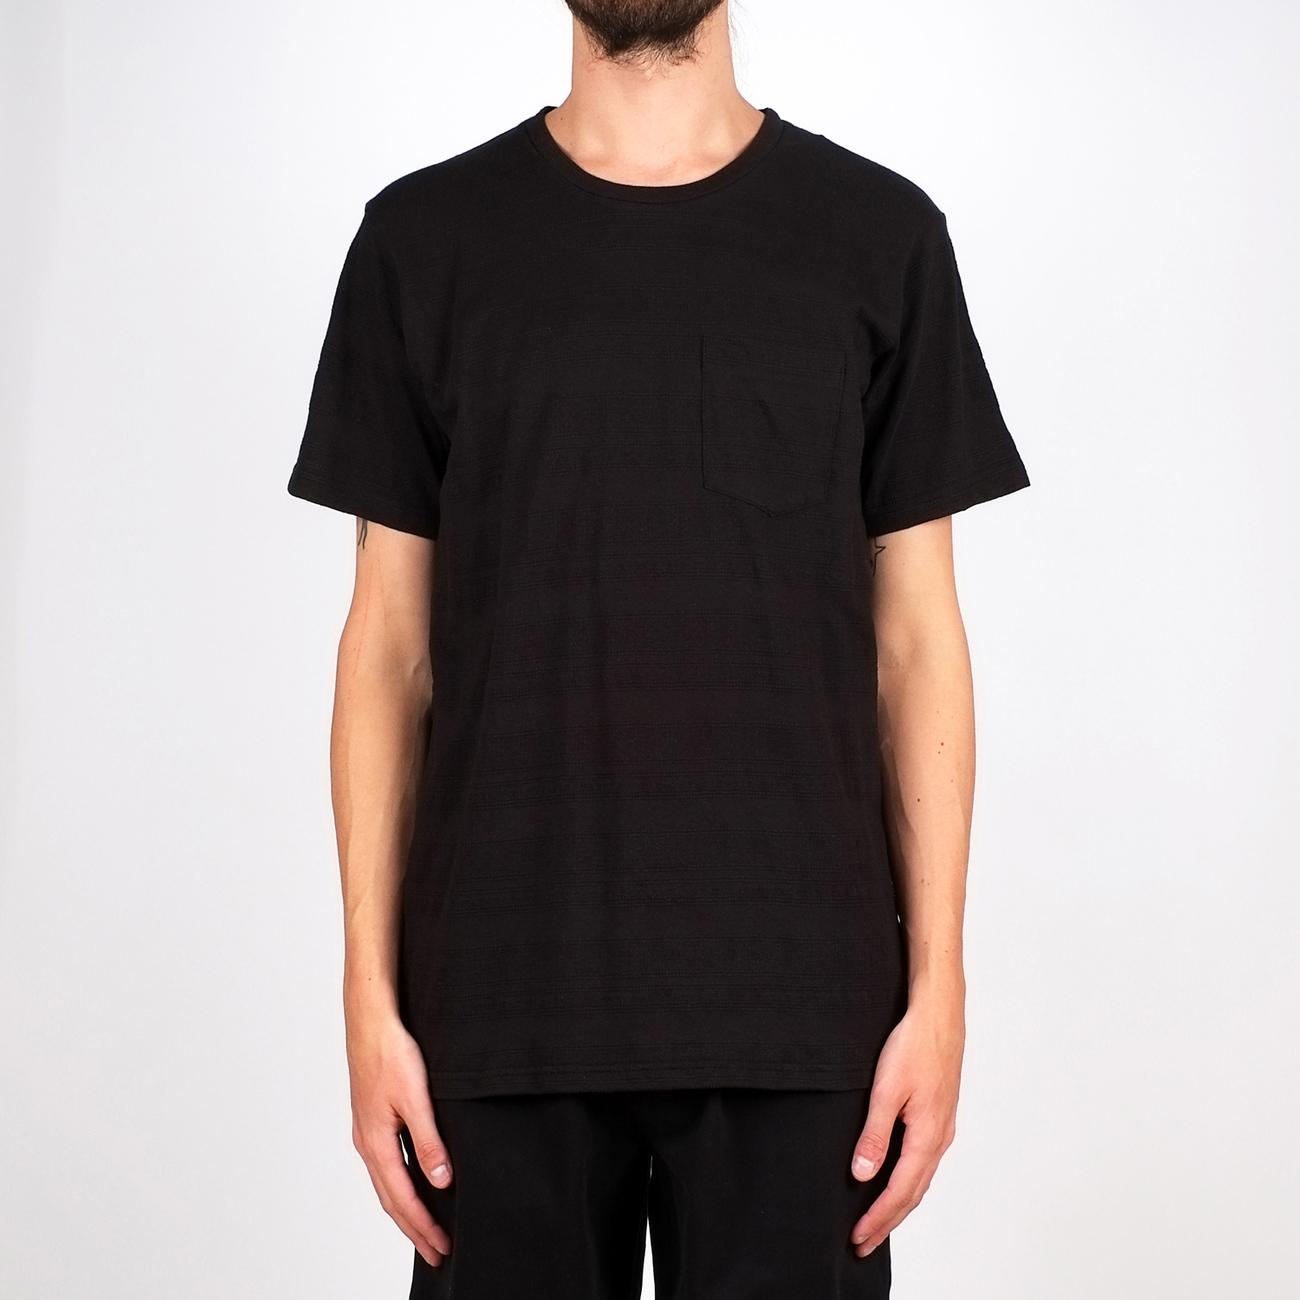 T-shirt Stockholm Full Jacquard Black